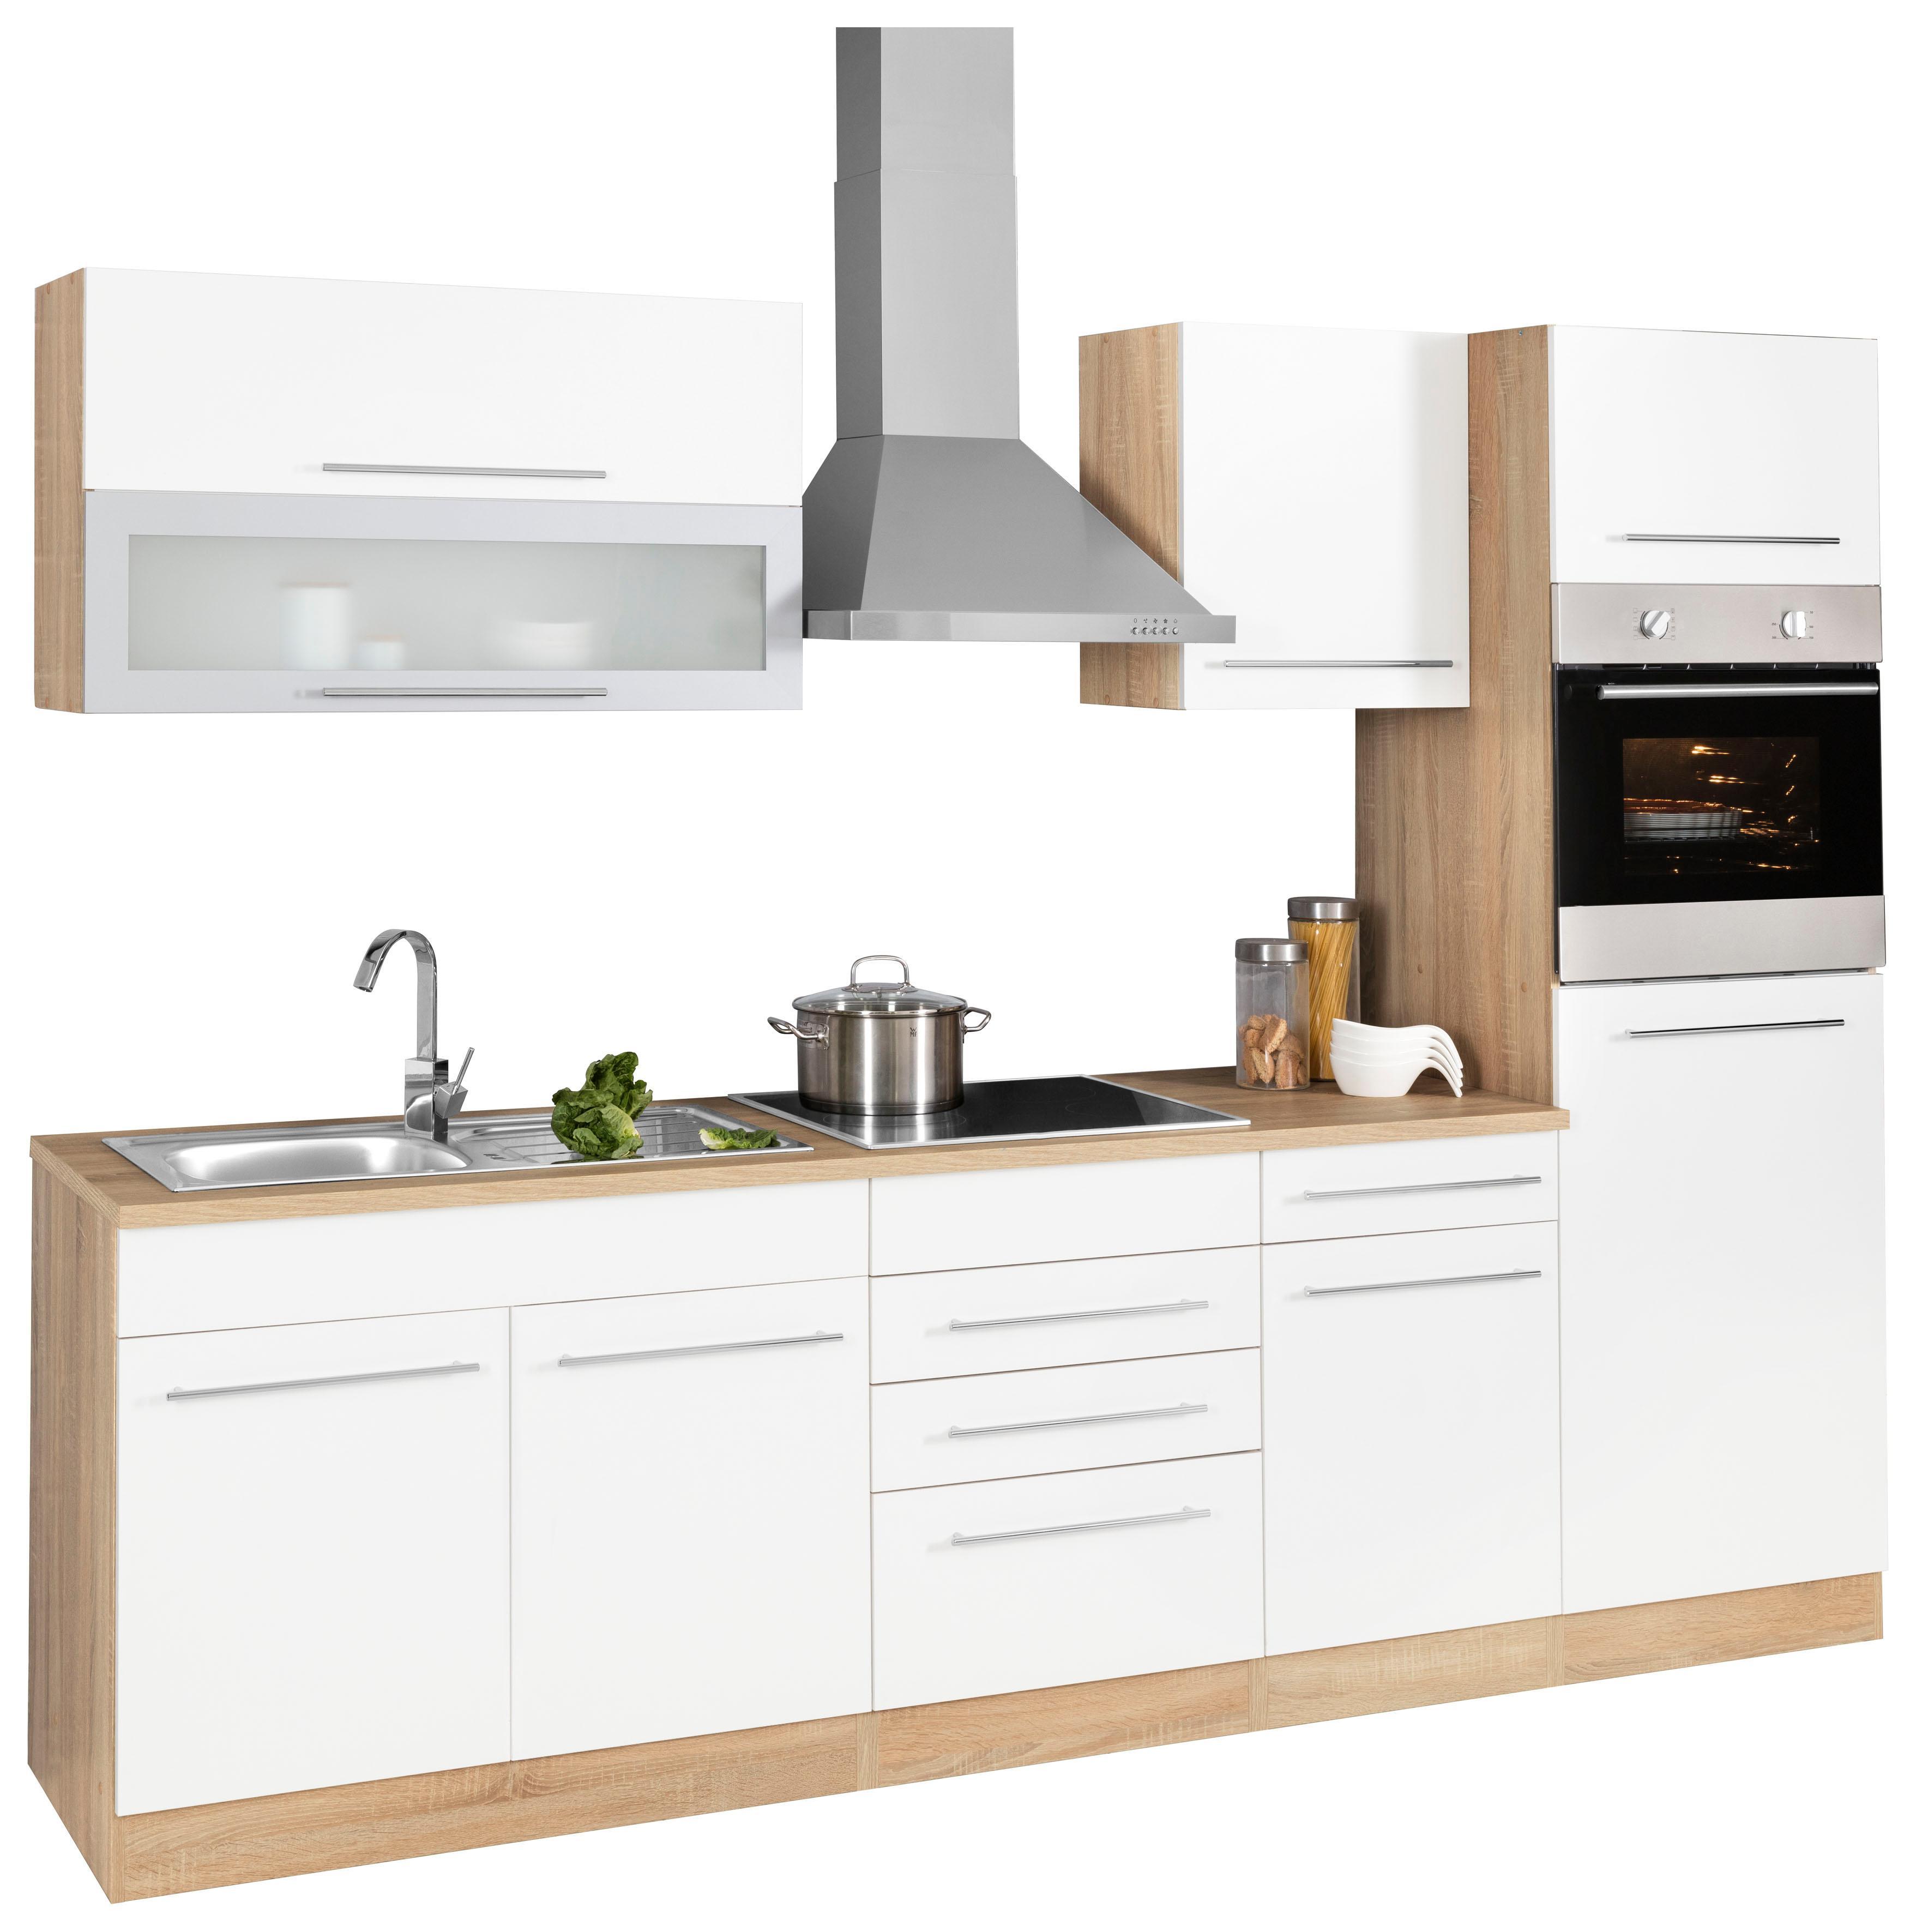 Held Möbel Küchenzeile Ohne E Geräte Eton Breite 270 Cm Bestellen